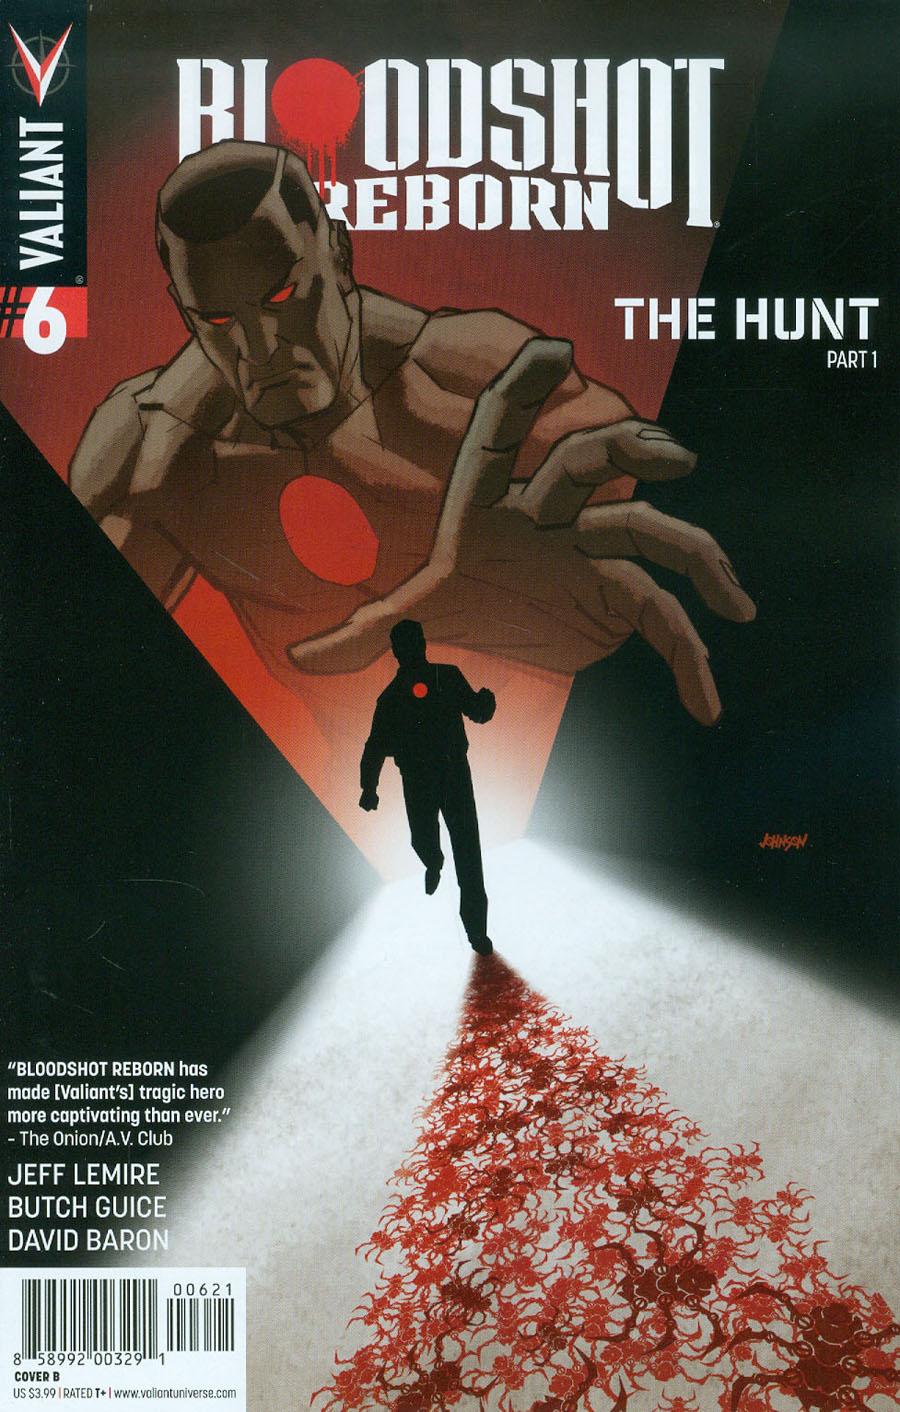 Bloodshot Reborn #6 Cover B Variant Dave Johnson Cover